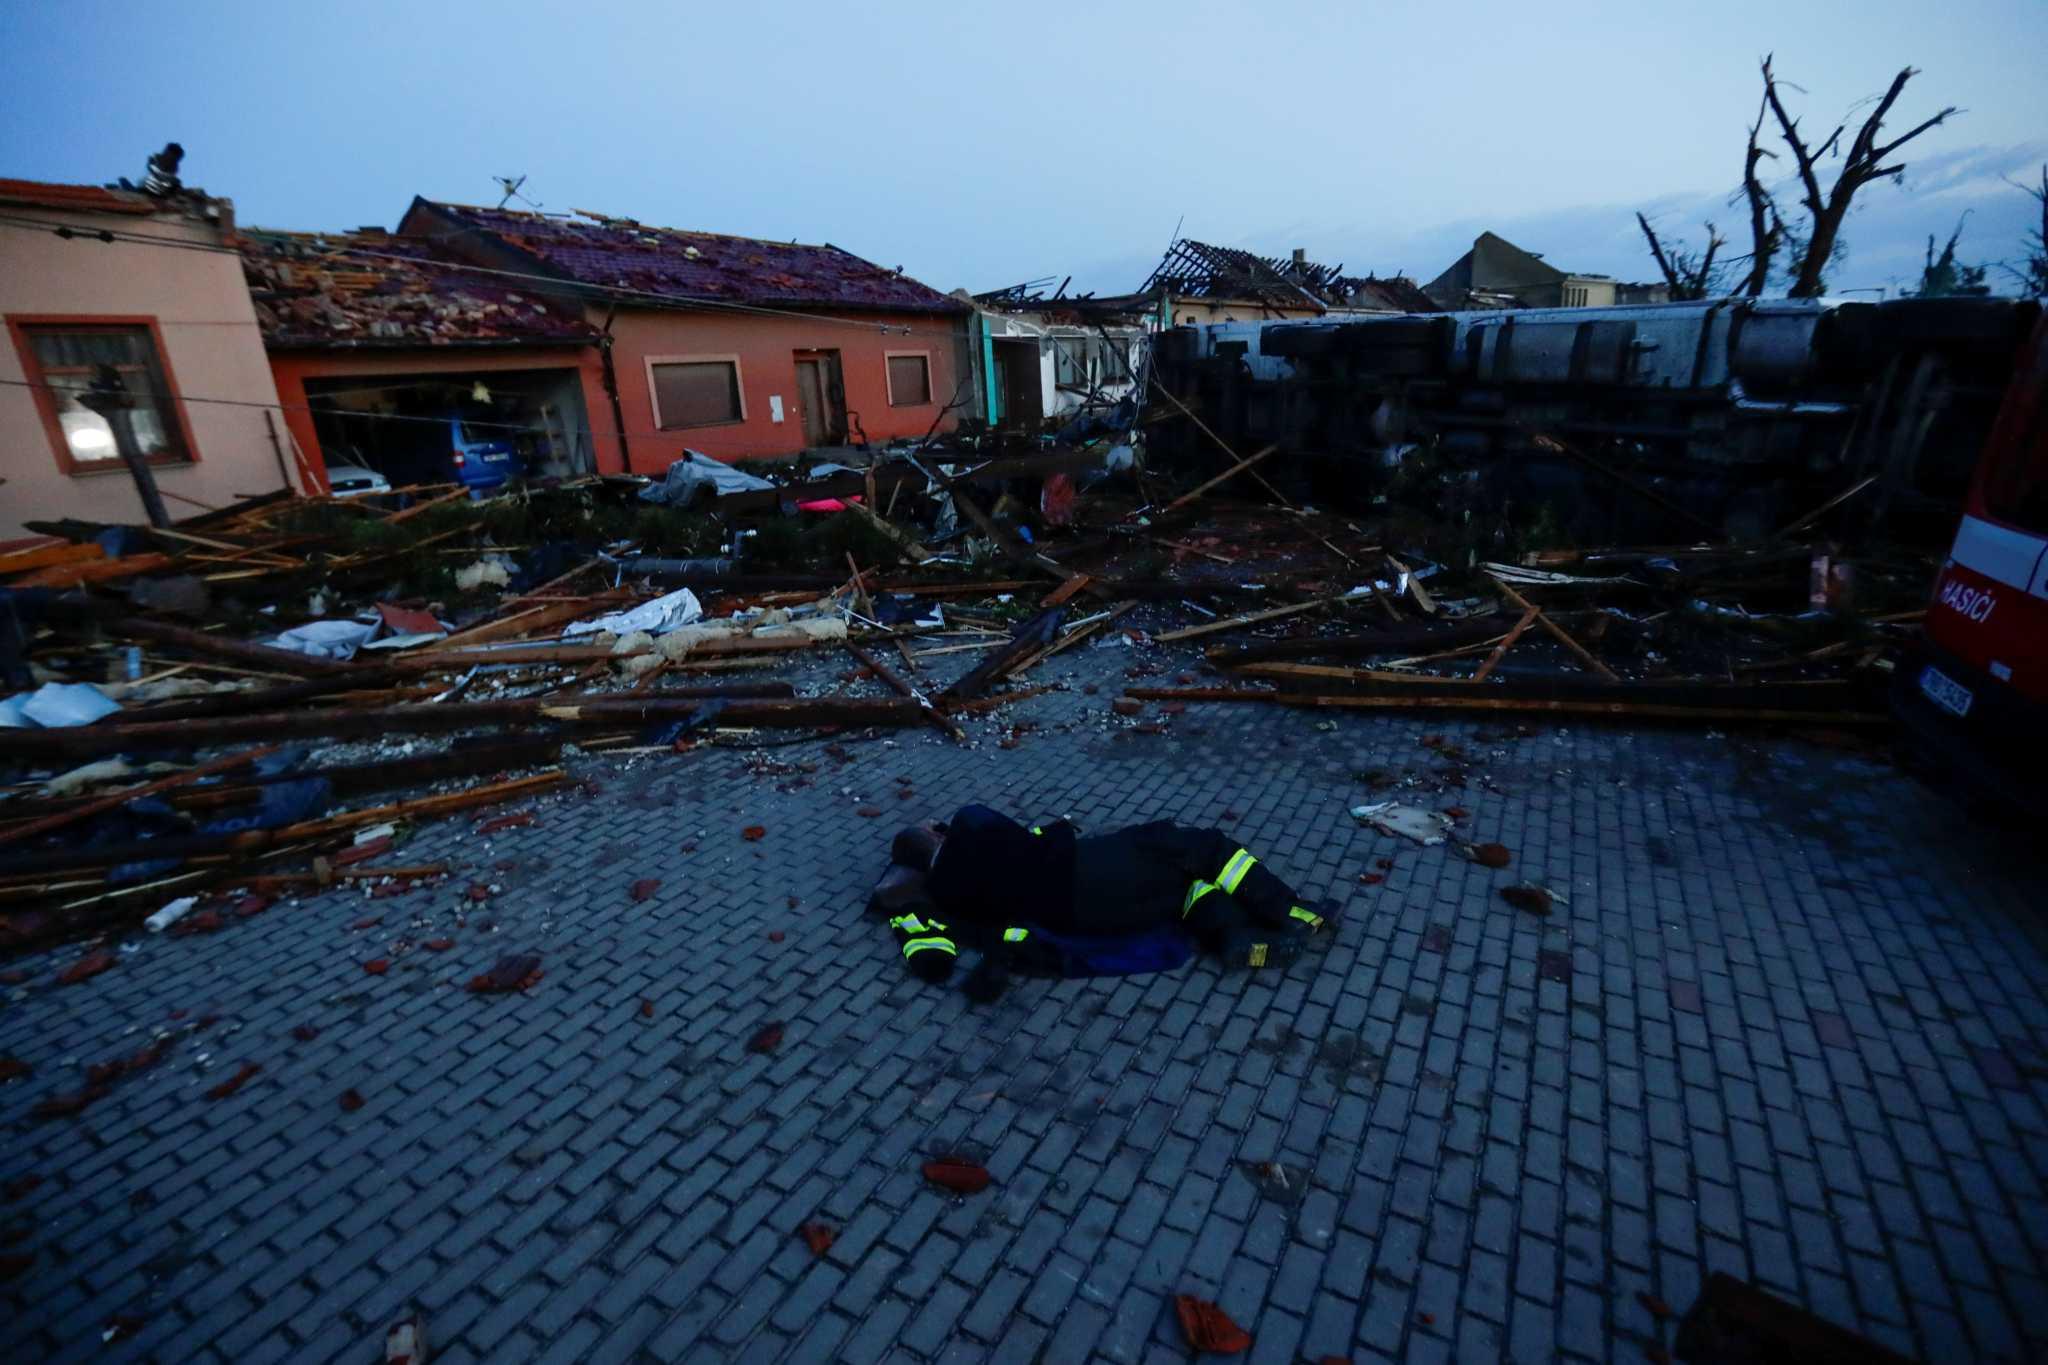 Τσεχία: Ανεμοστρόβιλος «ισοπέδωσε» την χώρα! Νεκροί, τραυματίες και τεράστιες καταστροφές